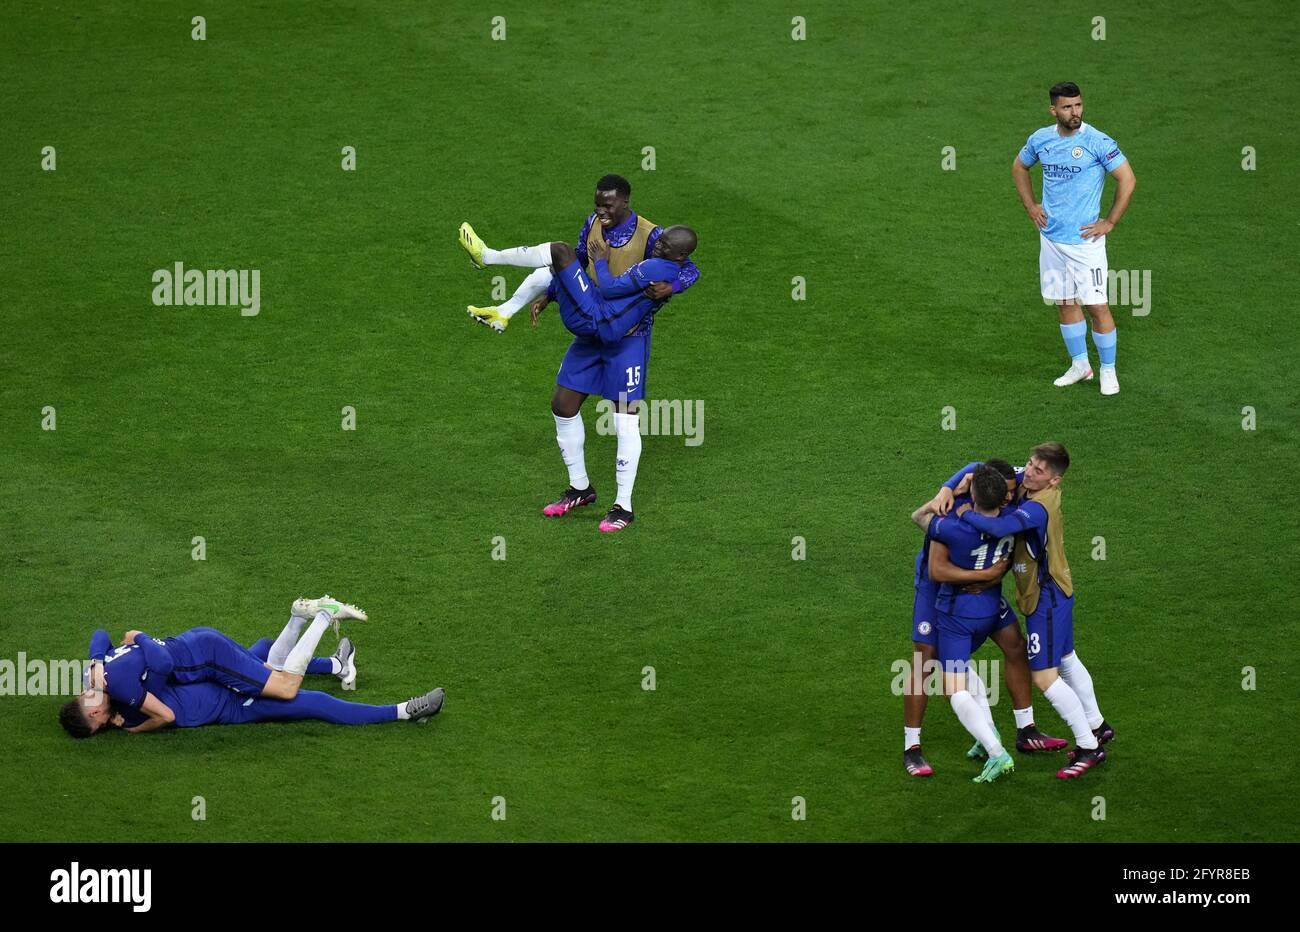 I giocatori di Chelsea celebrano la vittoria mentre Sergio Aguero (a destra) di Manchester City appare espulso dopo la finale della UEFA Champions League che si è tenuta all'Estadio do Dragao di Porto, in Portogallo. Data immagine: Sabato 29 maggio 2021. Foto Stock